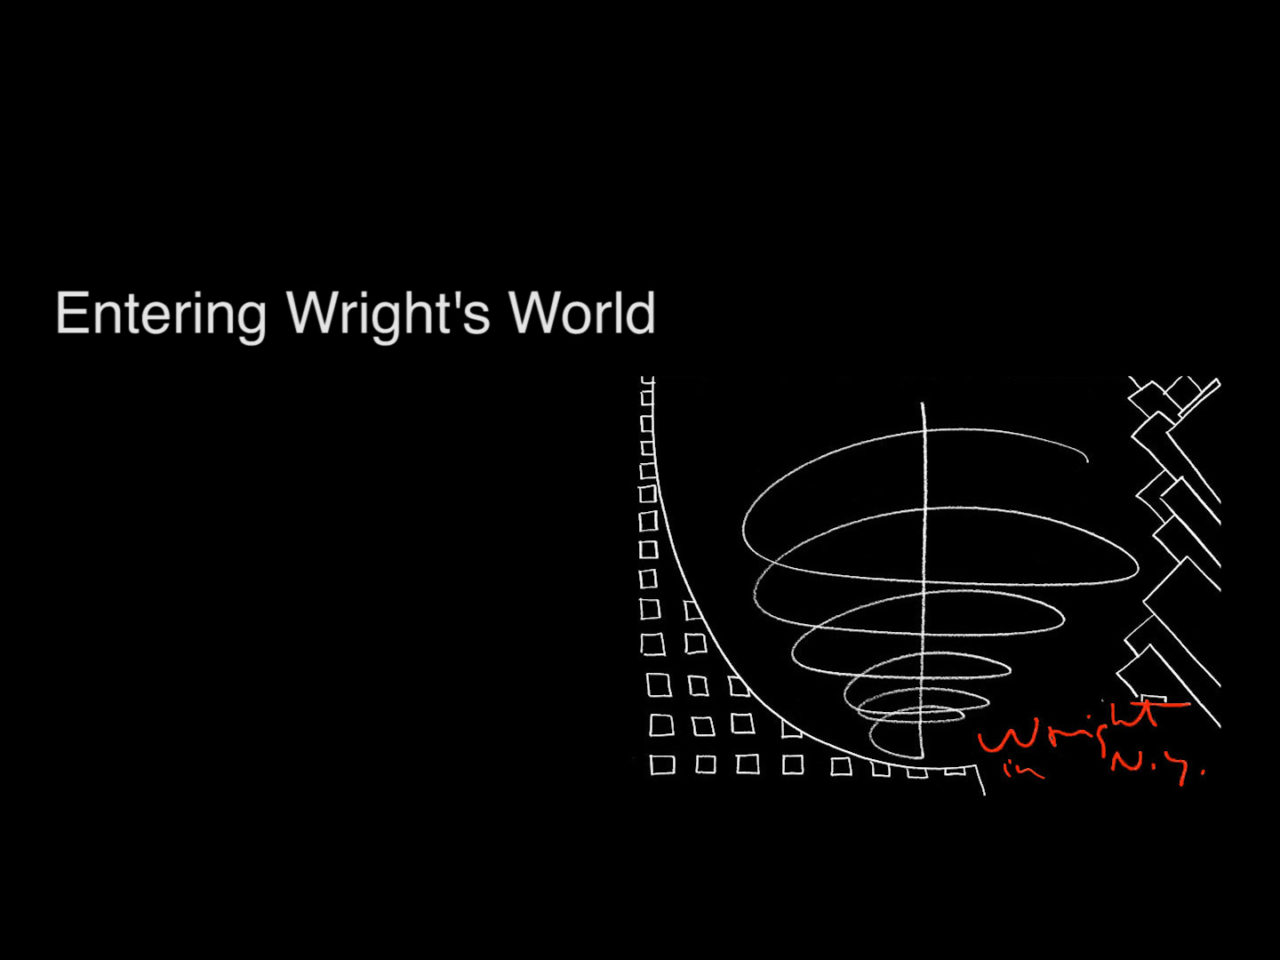 Wright in N.Y. b Rick Meghiddo